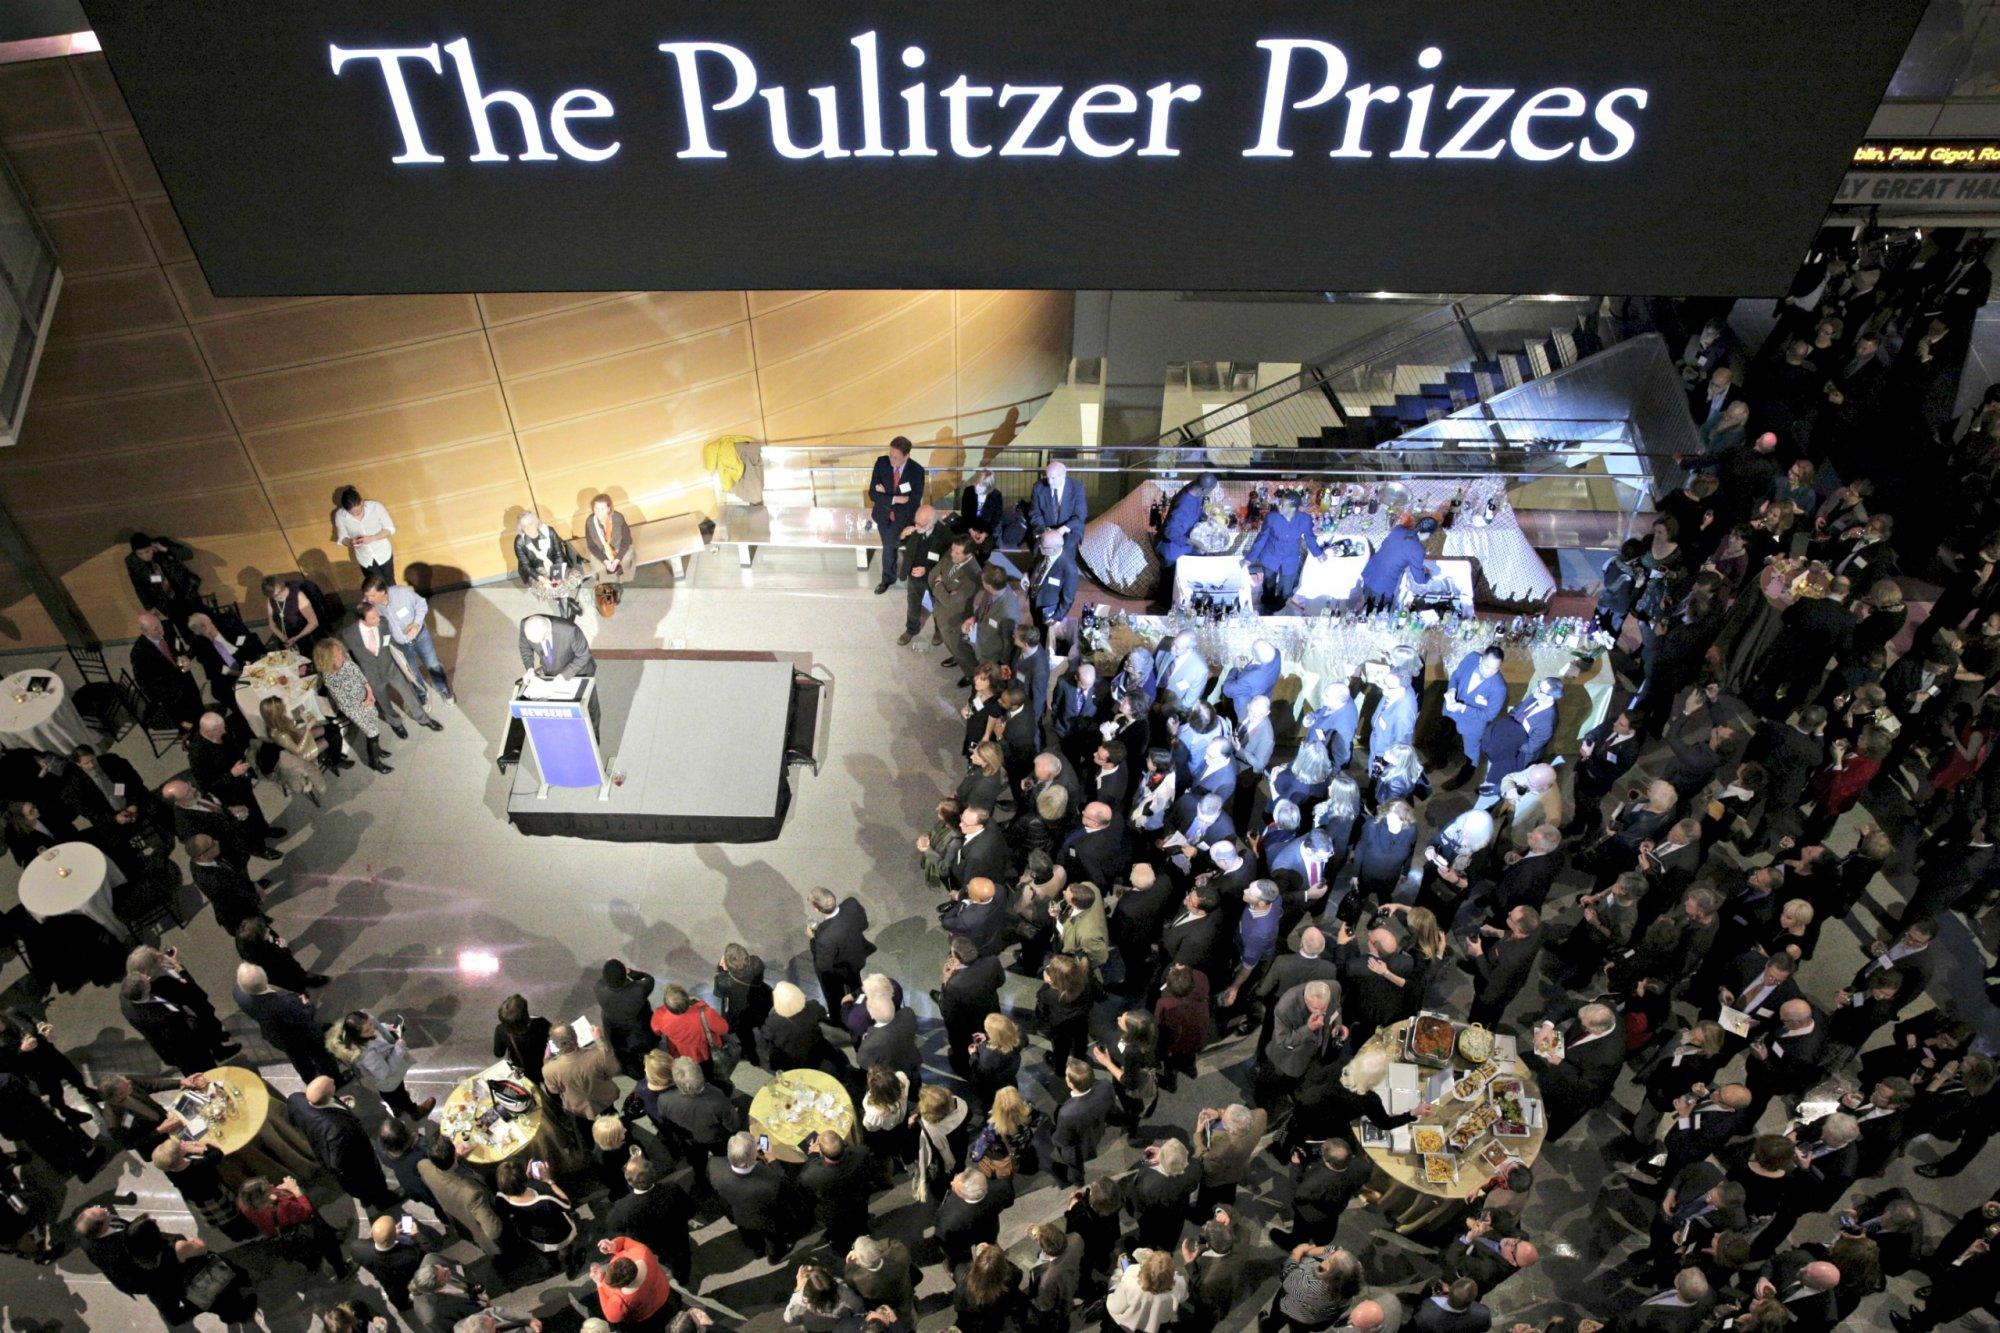 Пулитцеровская премия - одна из самых престижных американских наград для журналистов. Фото: thedailybeast.com